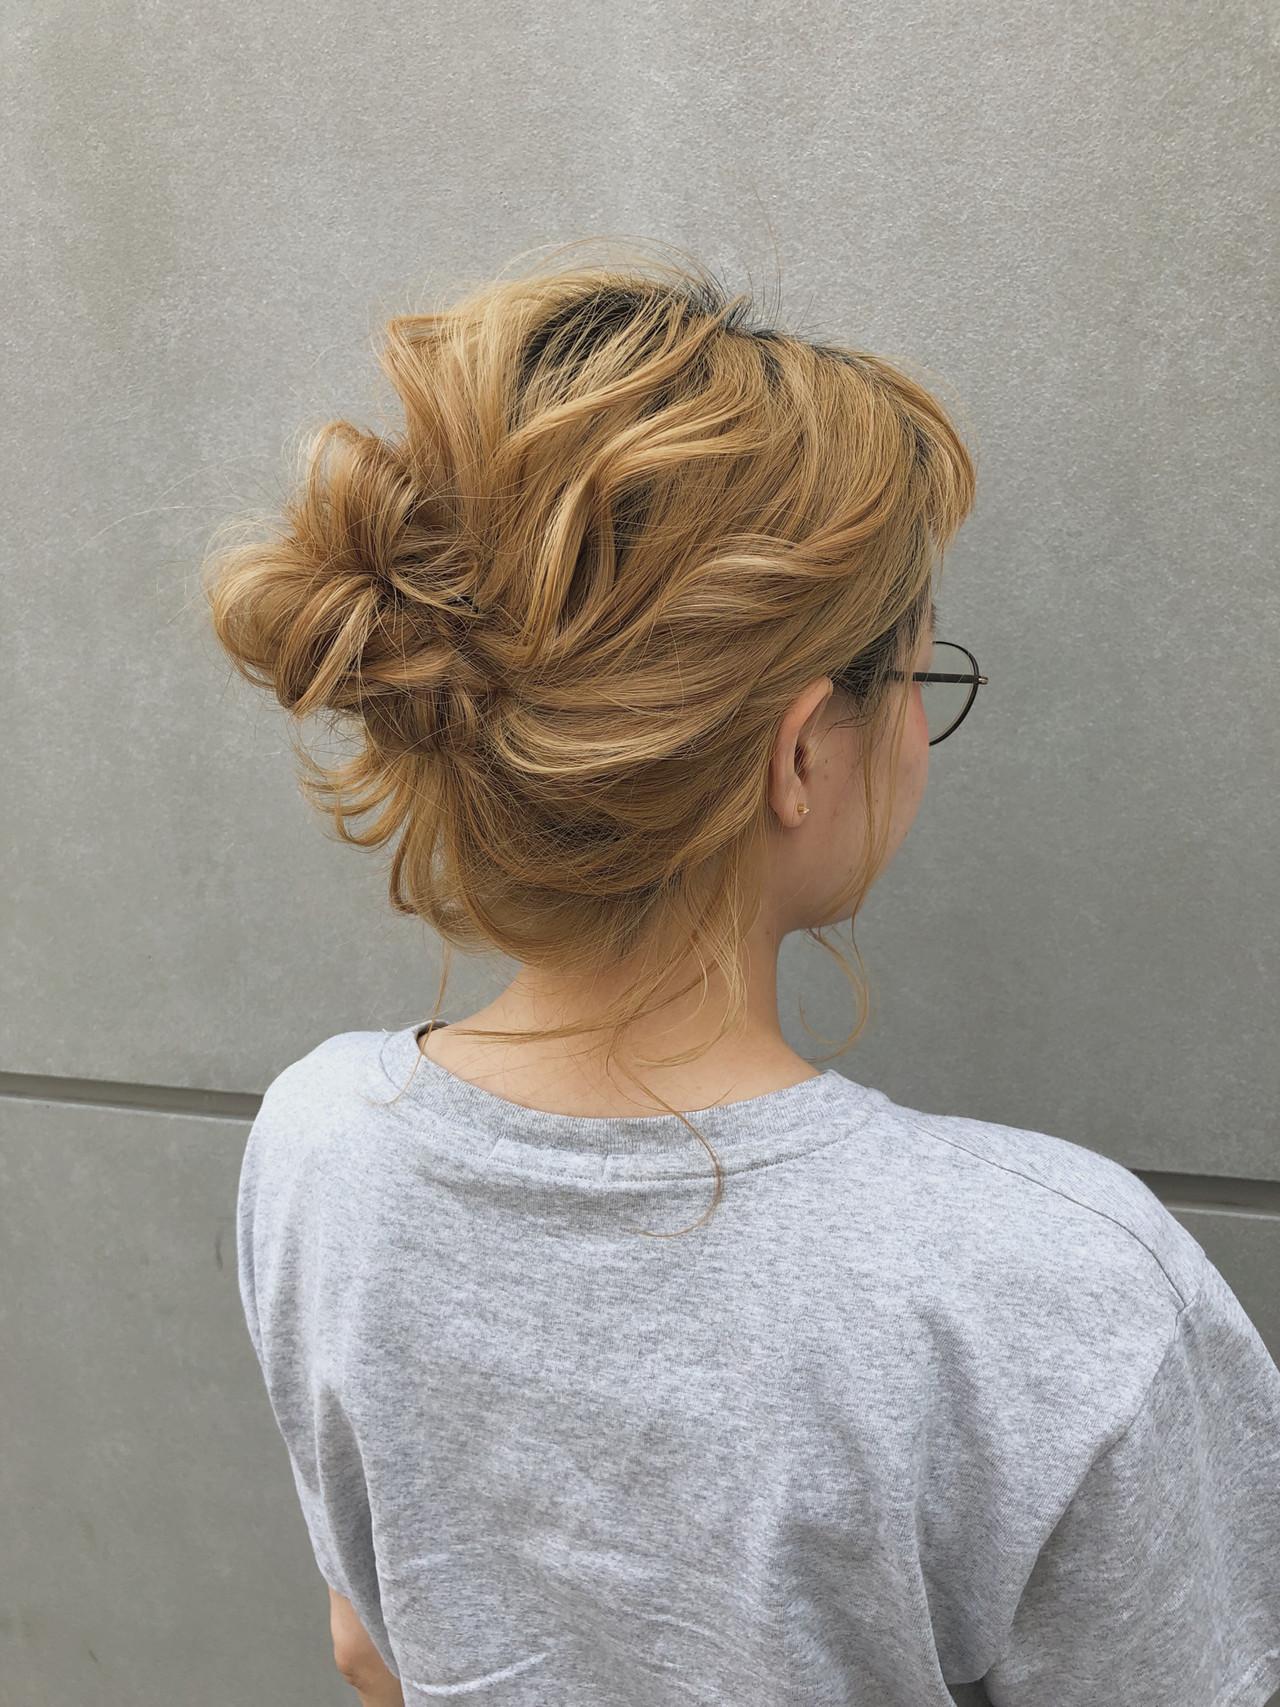 スポーツ アウトドア ナチュラル 簡単ヘアアレンジ ヘアスタイルや髪型の写真・画像